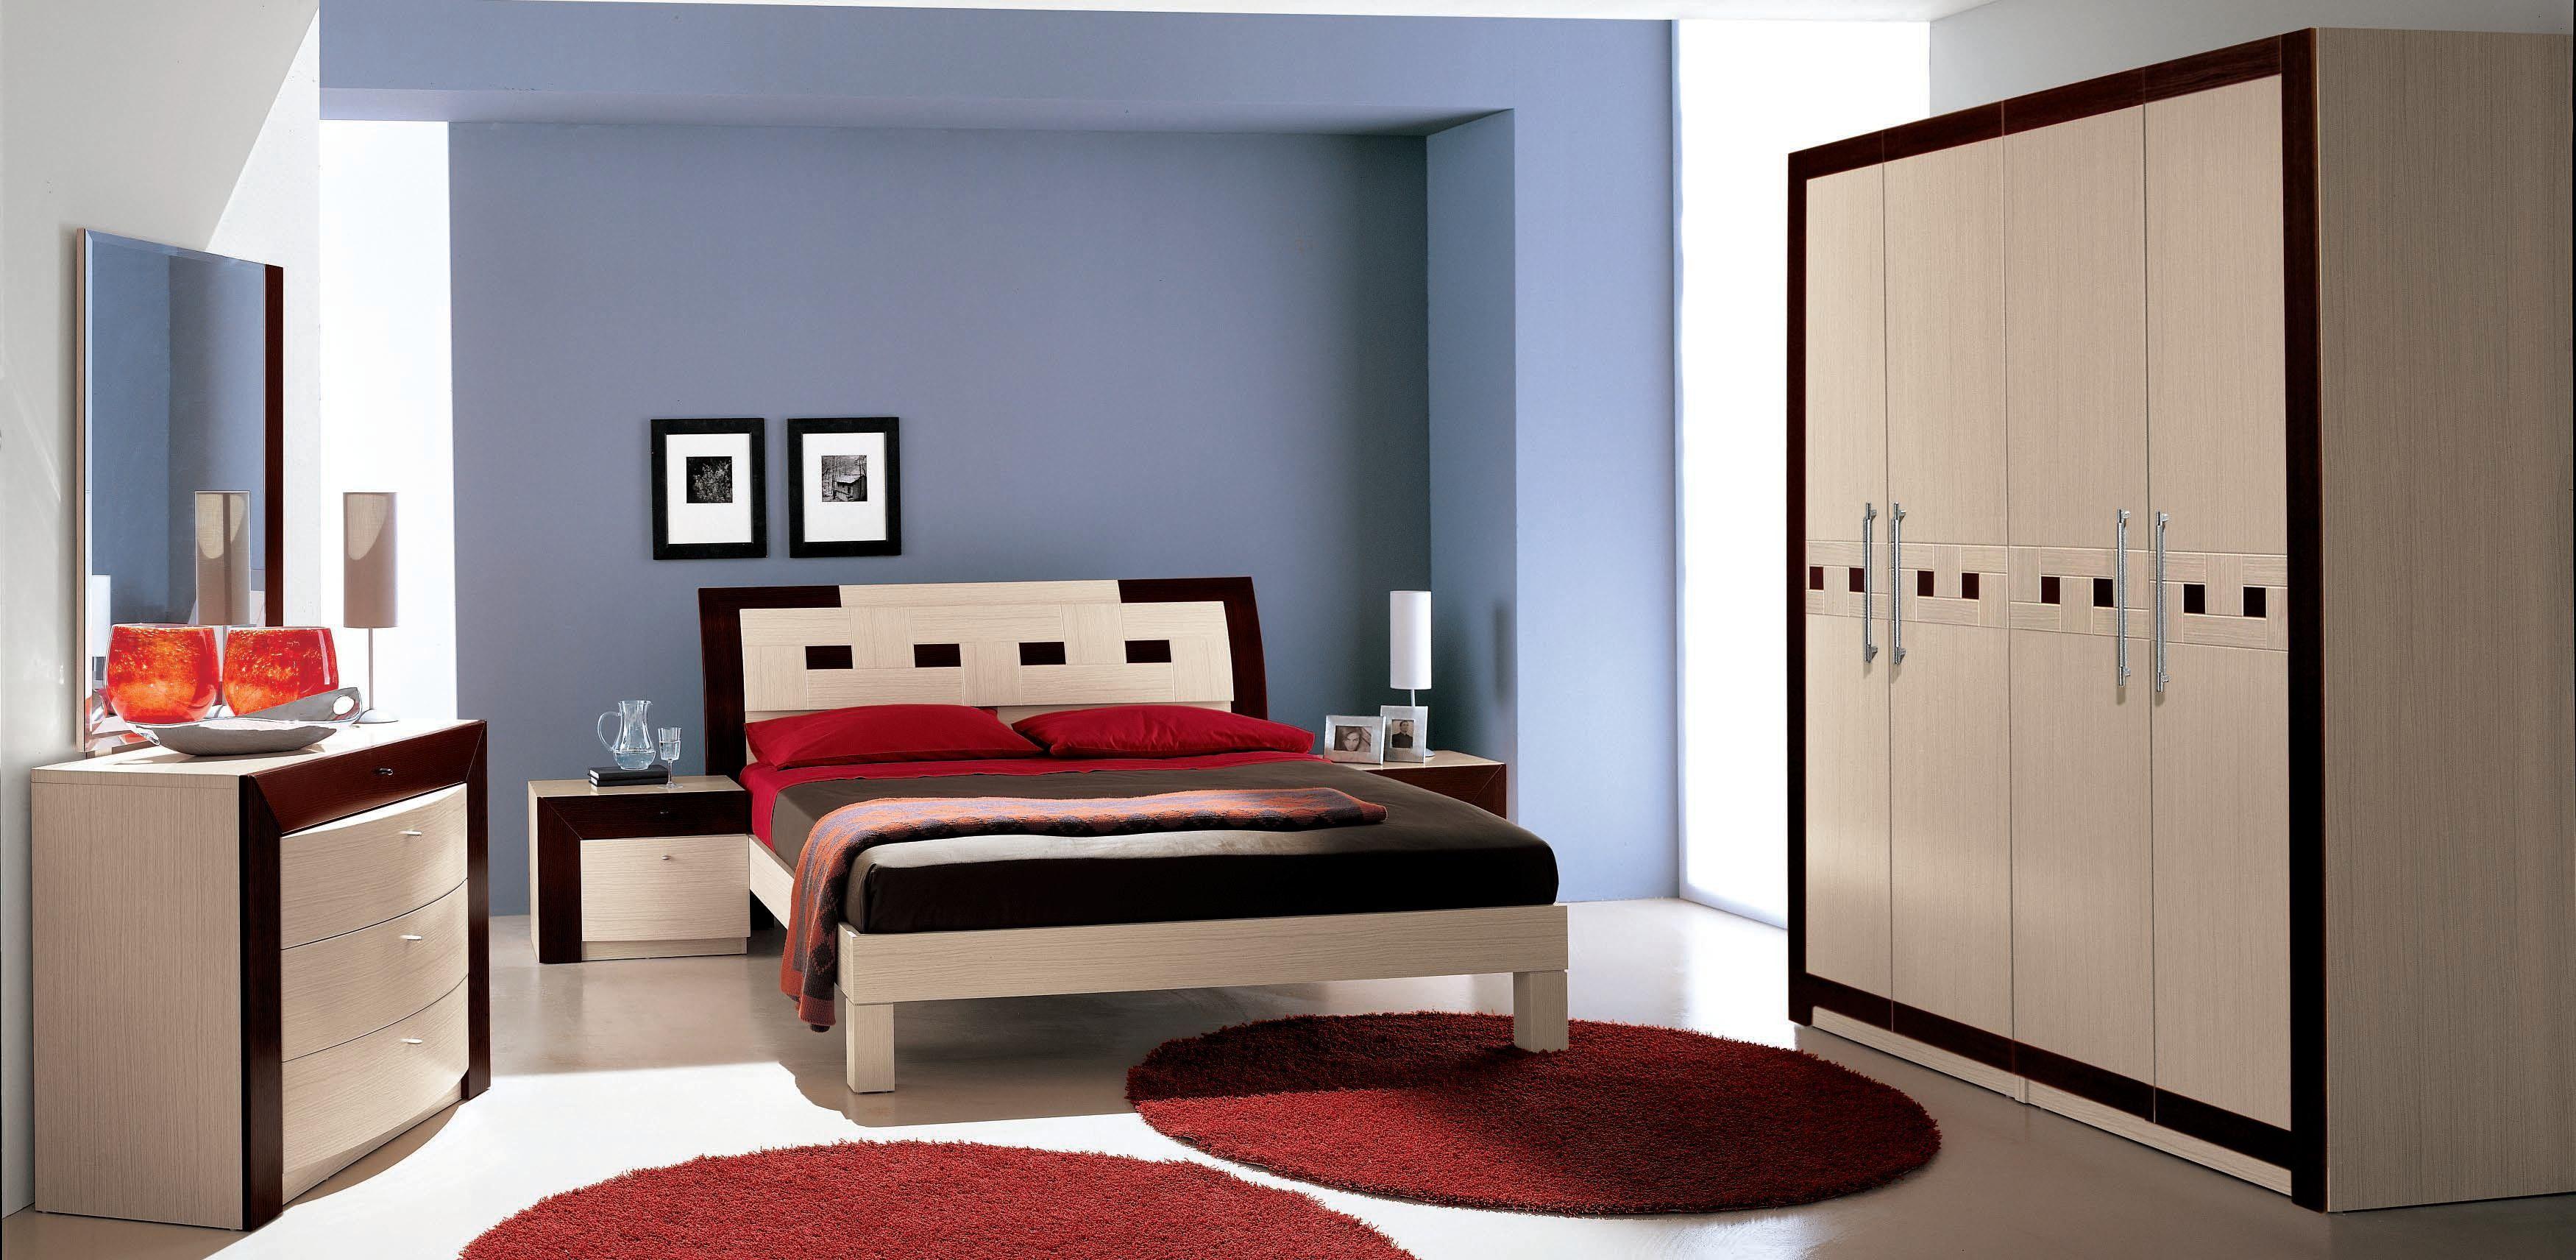 Over Wardrobe Storage image result for modern wardrobe storage over bed   for the